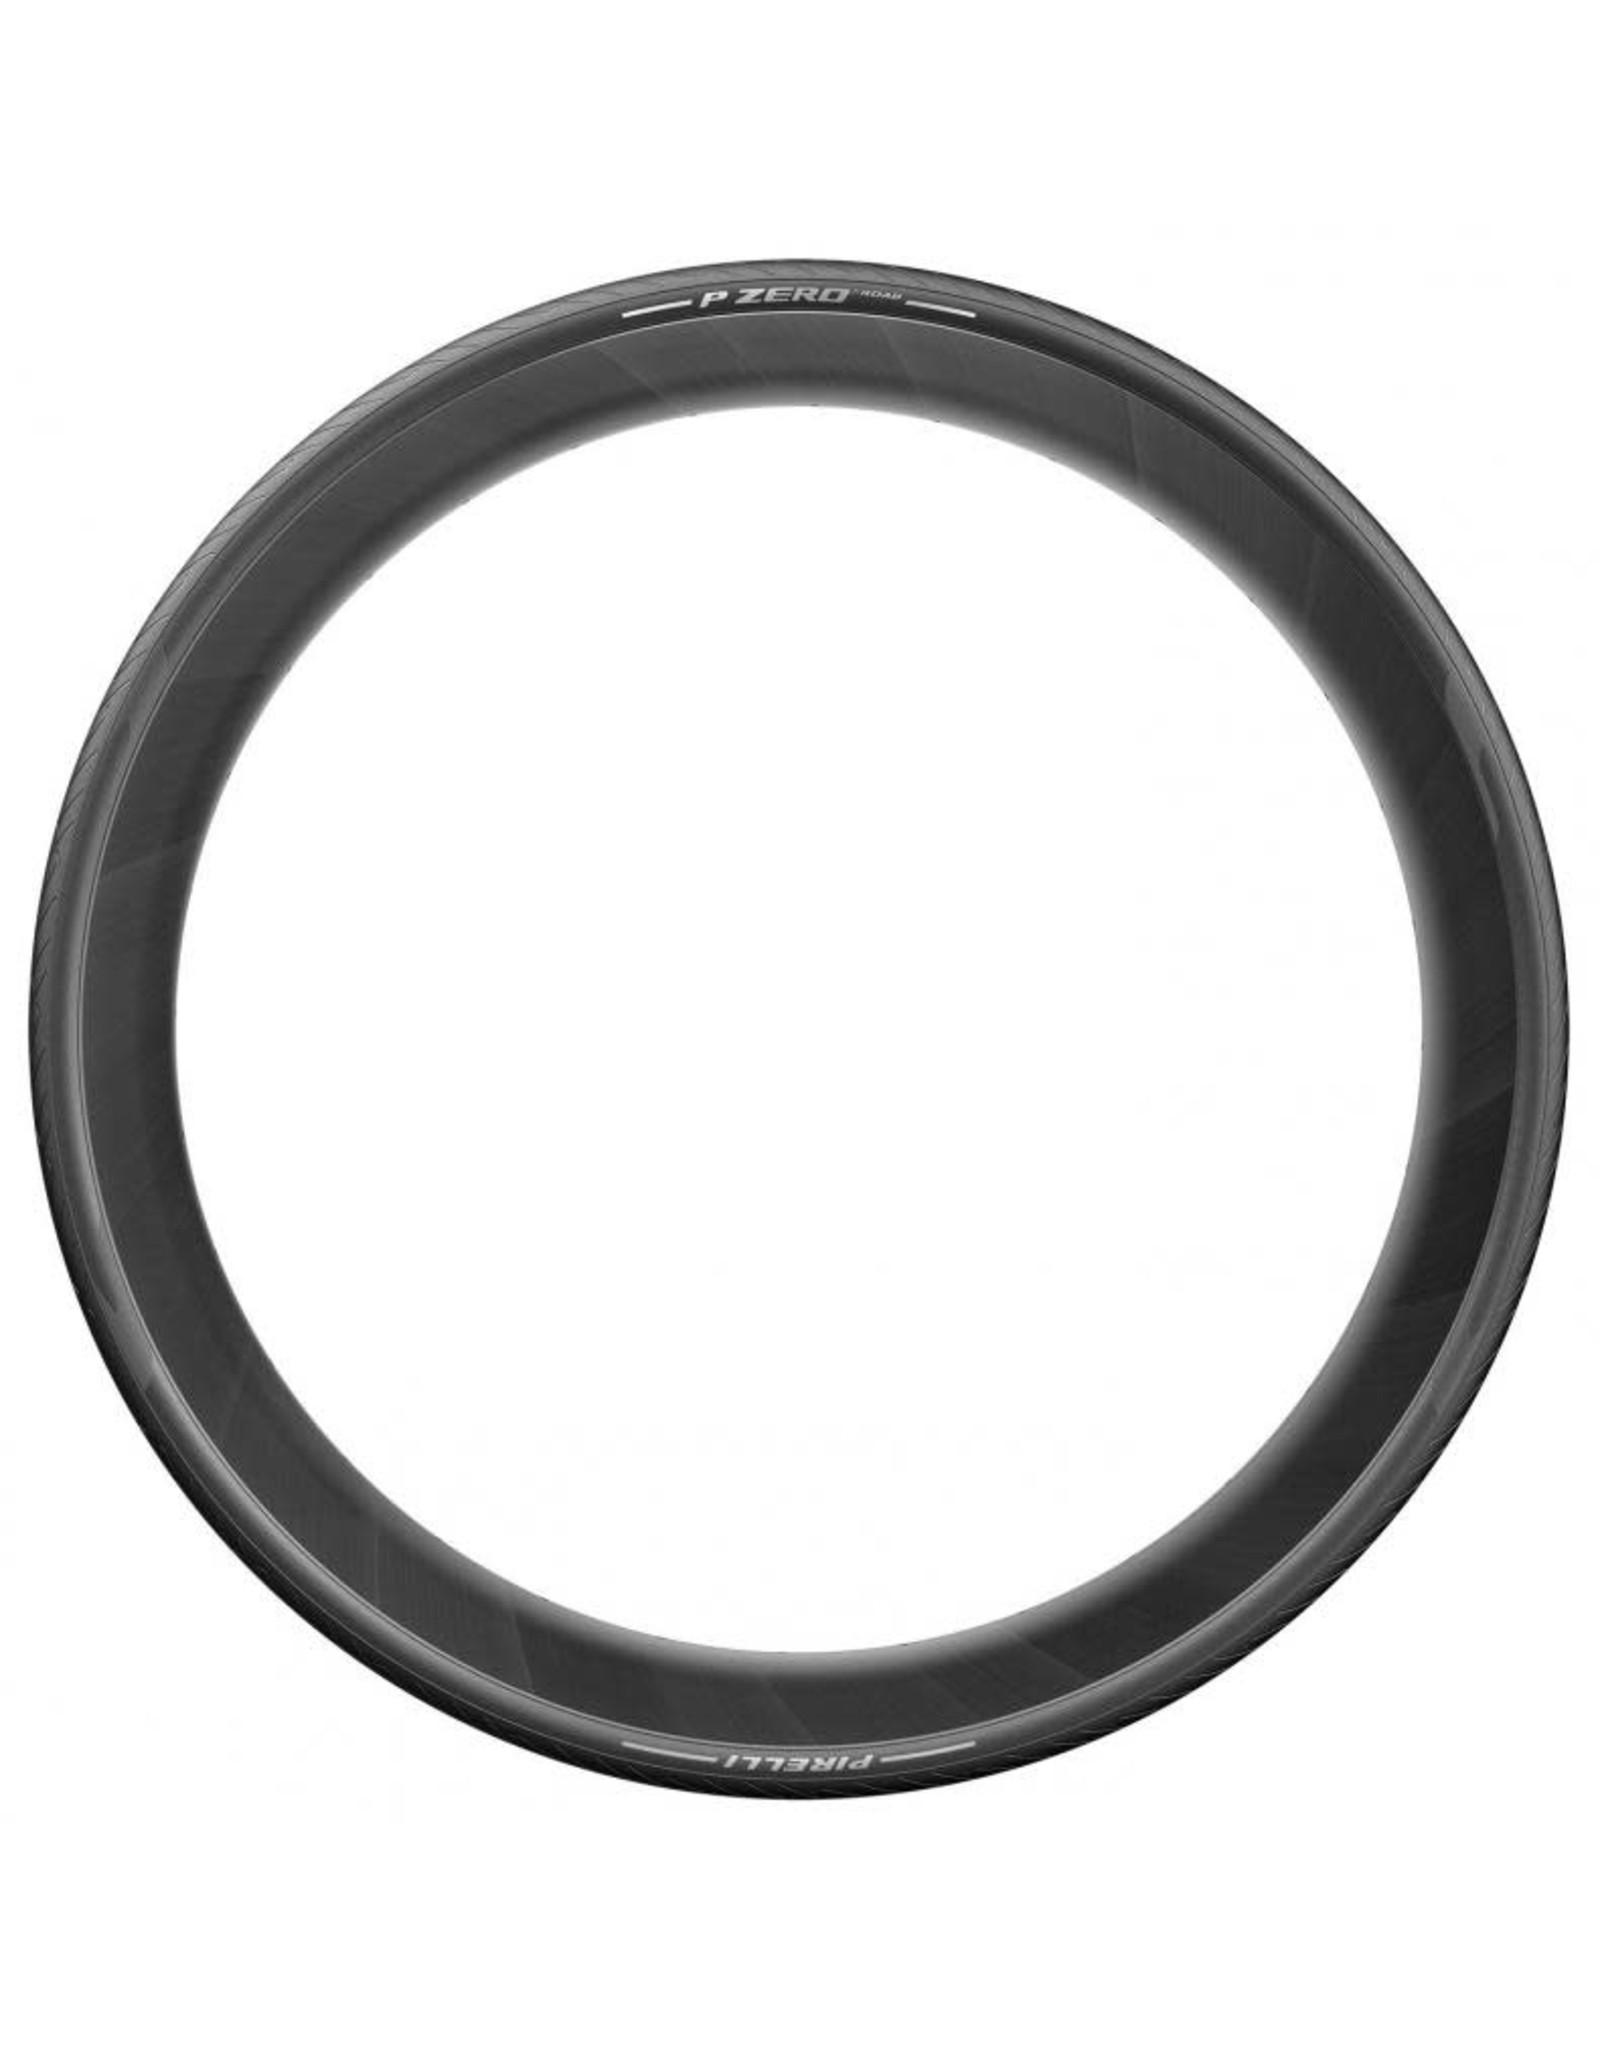 Pirelli P Zero Road 700C Folding Tyre